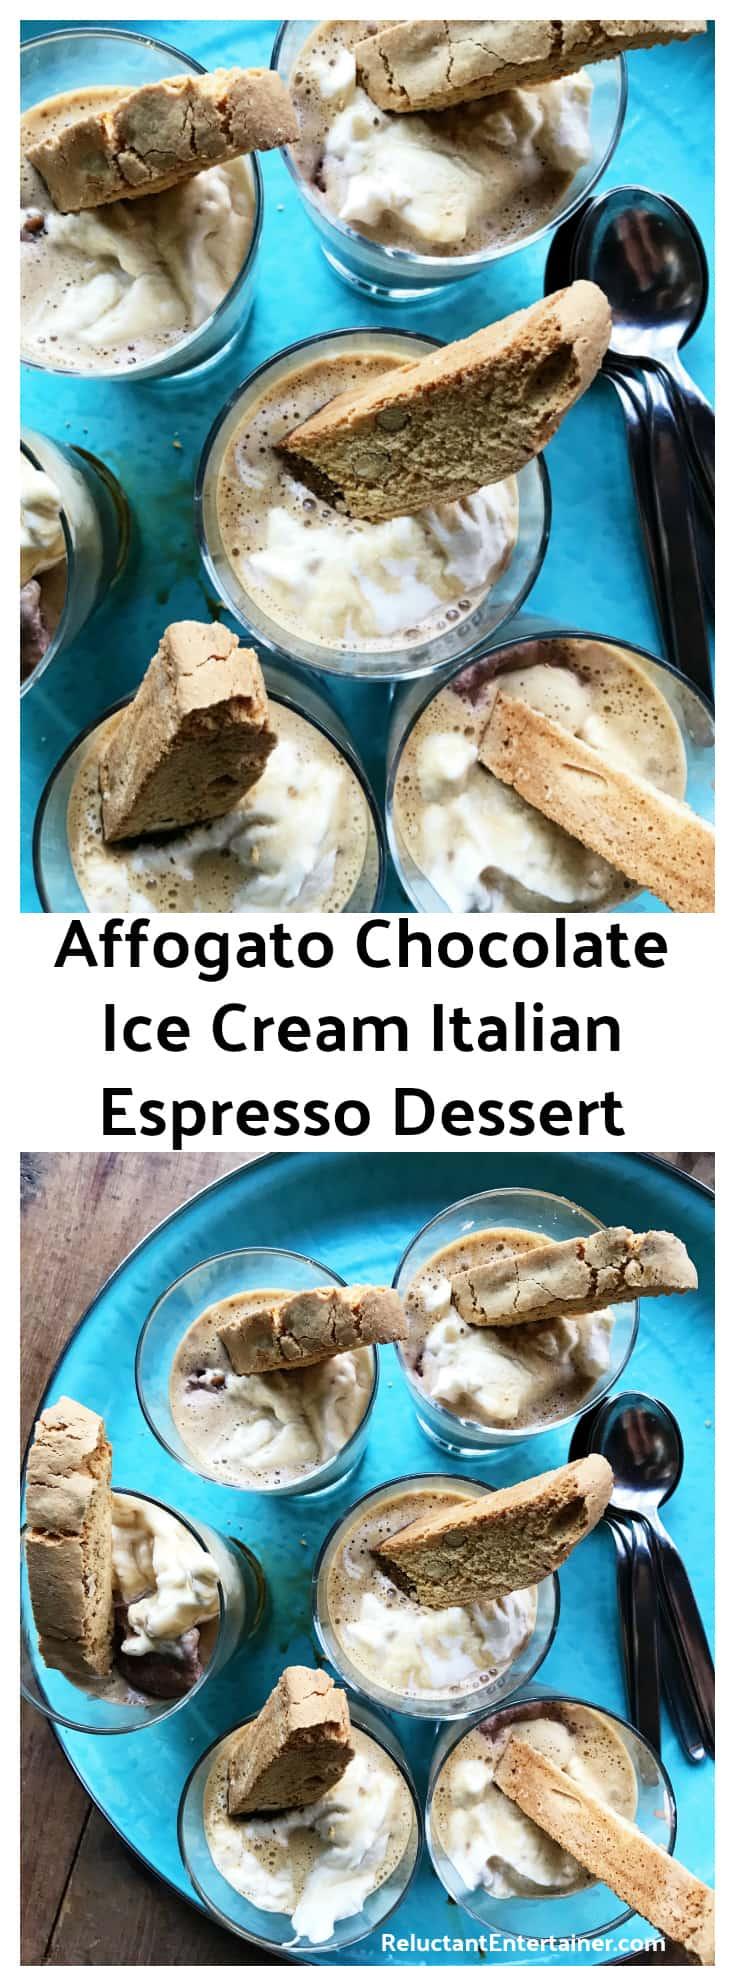 Affogato Chocolate Ice Cream Italian Espresso Dessert